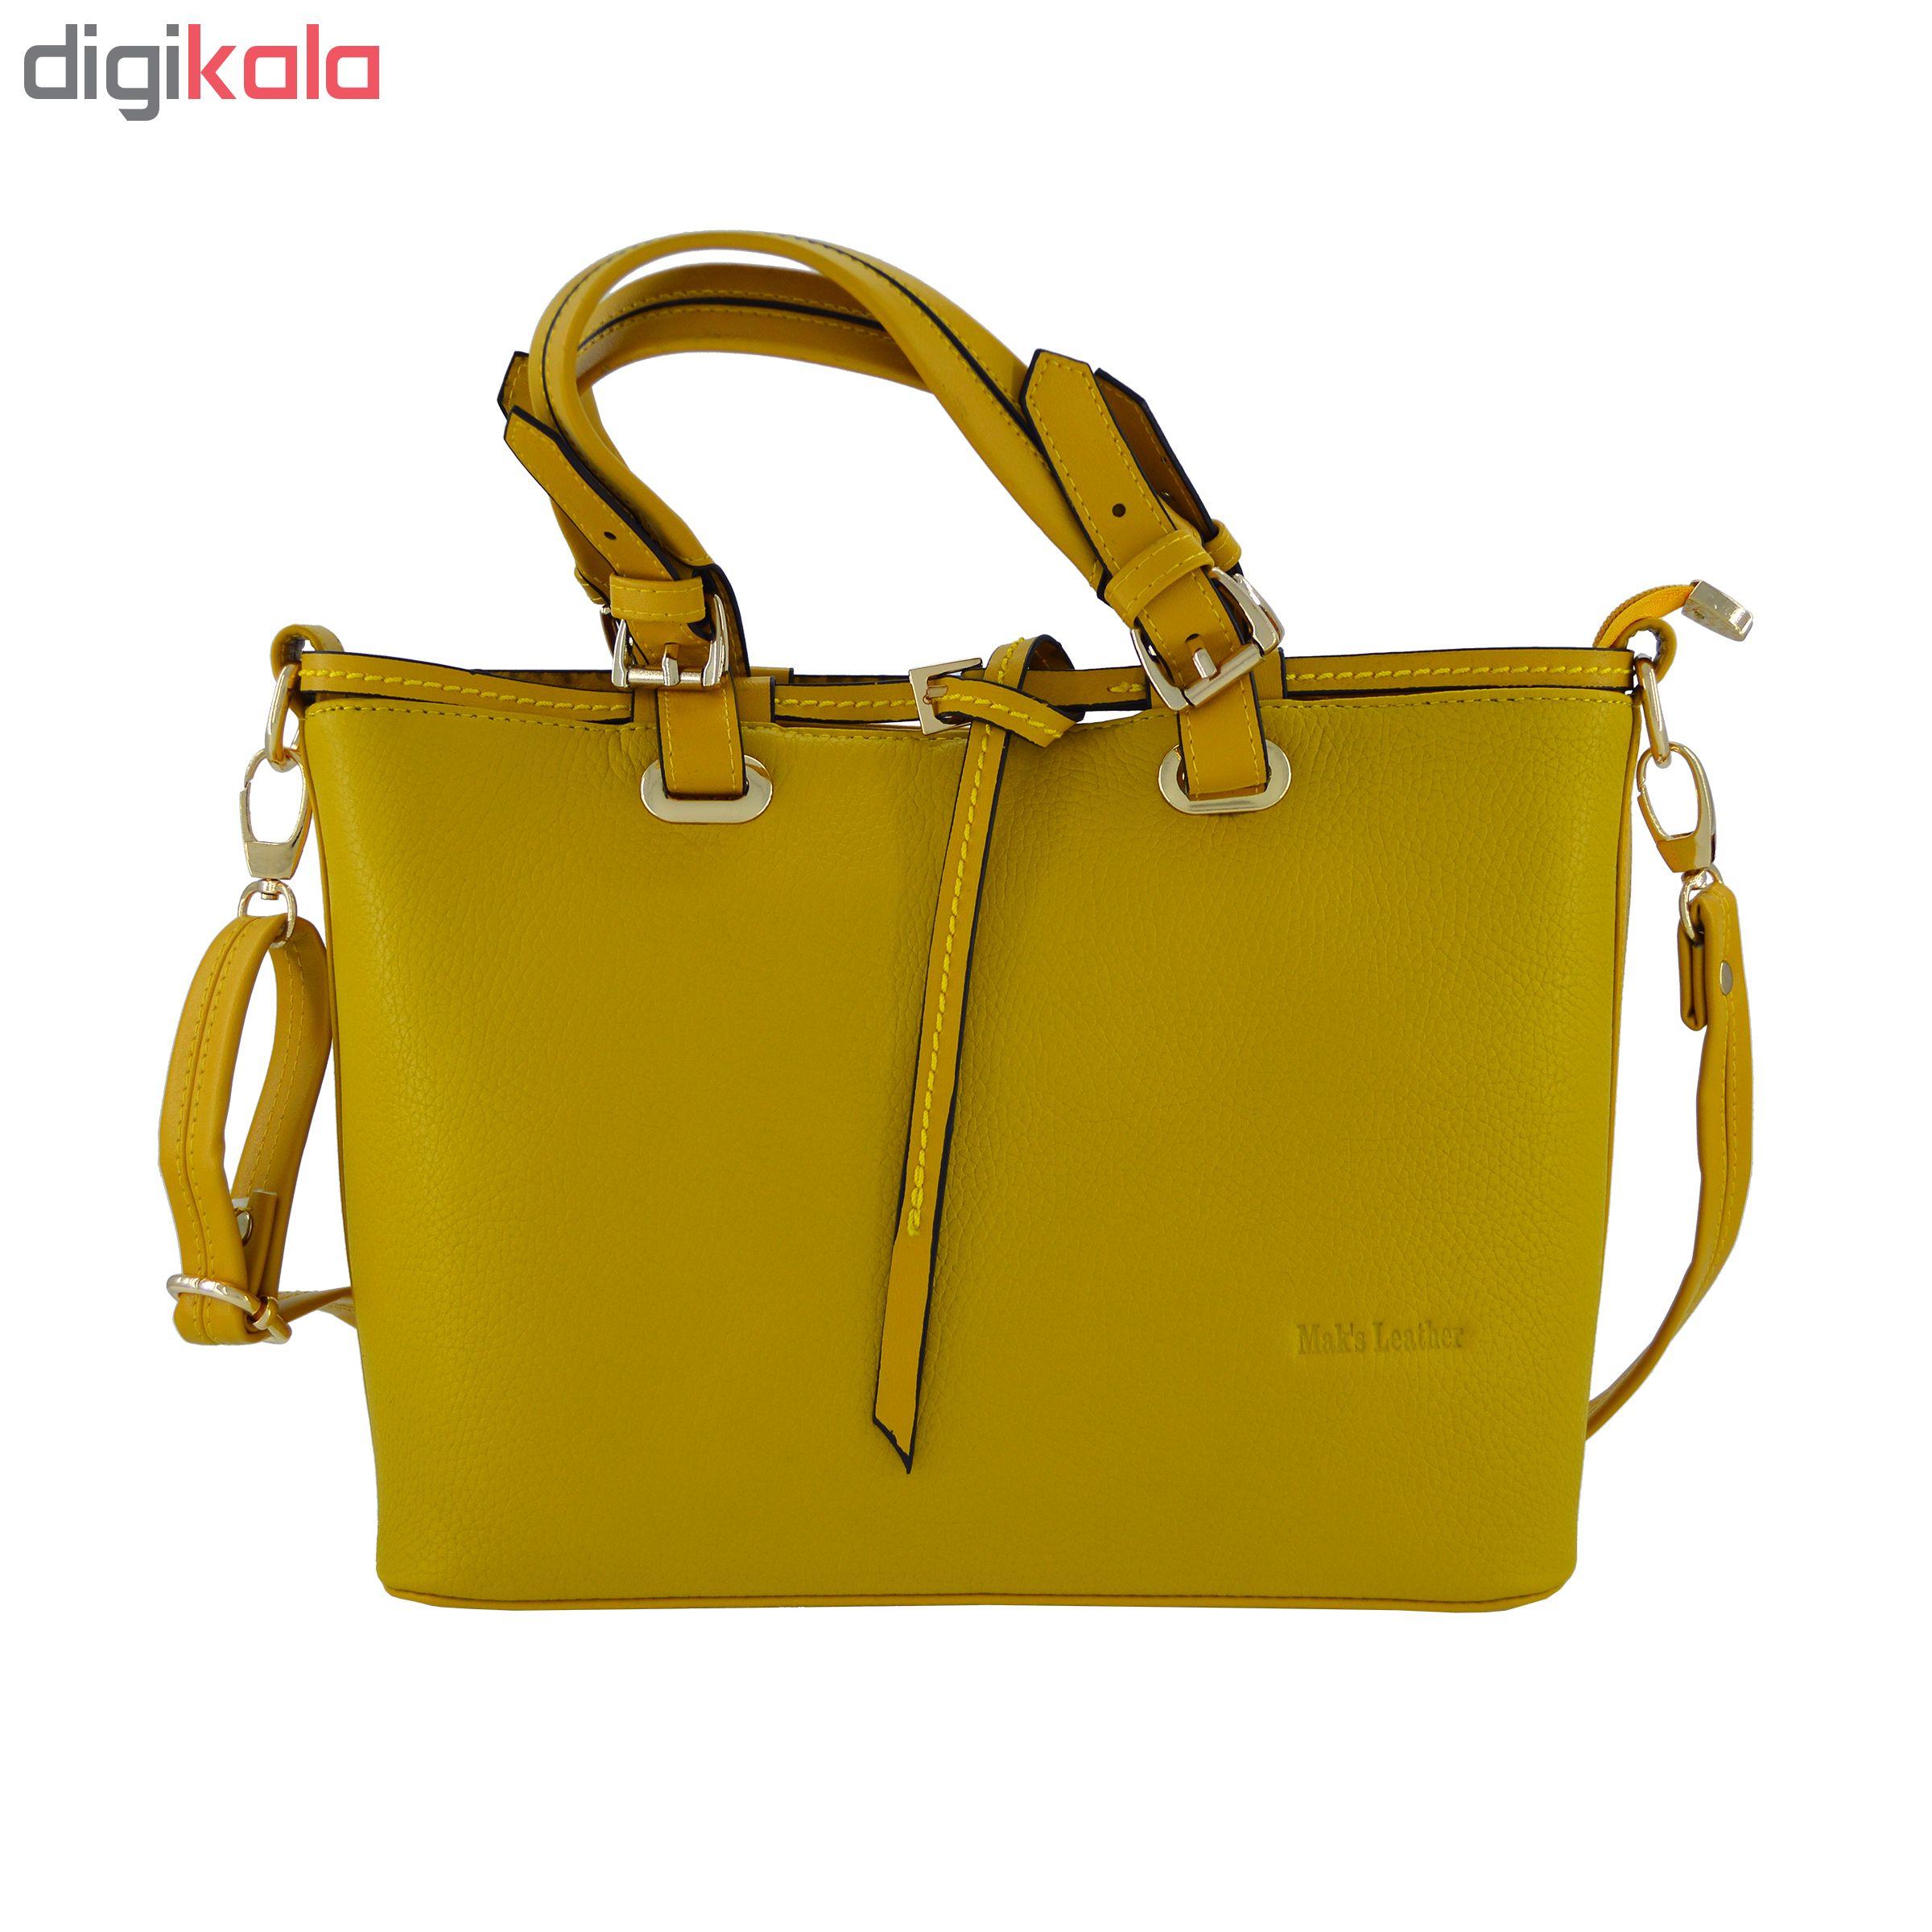 کیف دستی زنانه چرم مکس مدل آلدورا 12707